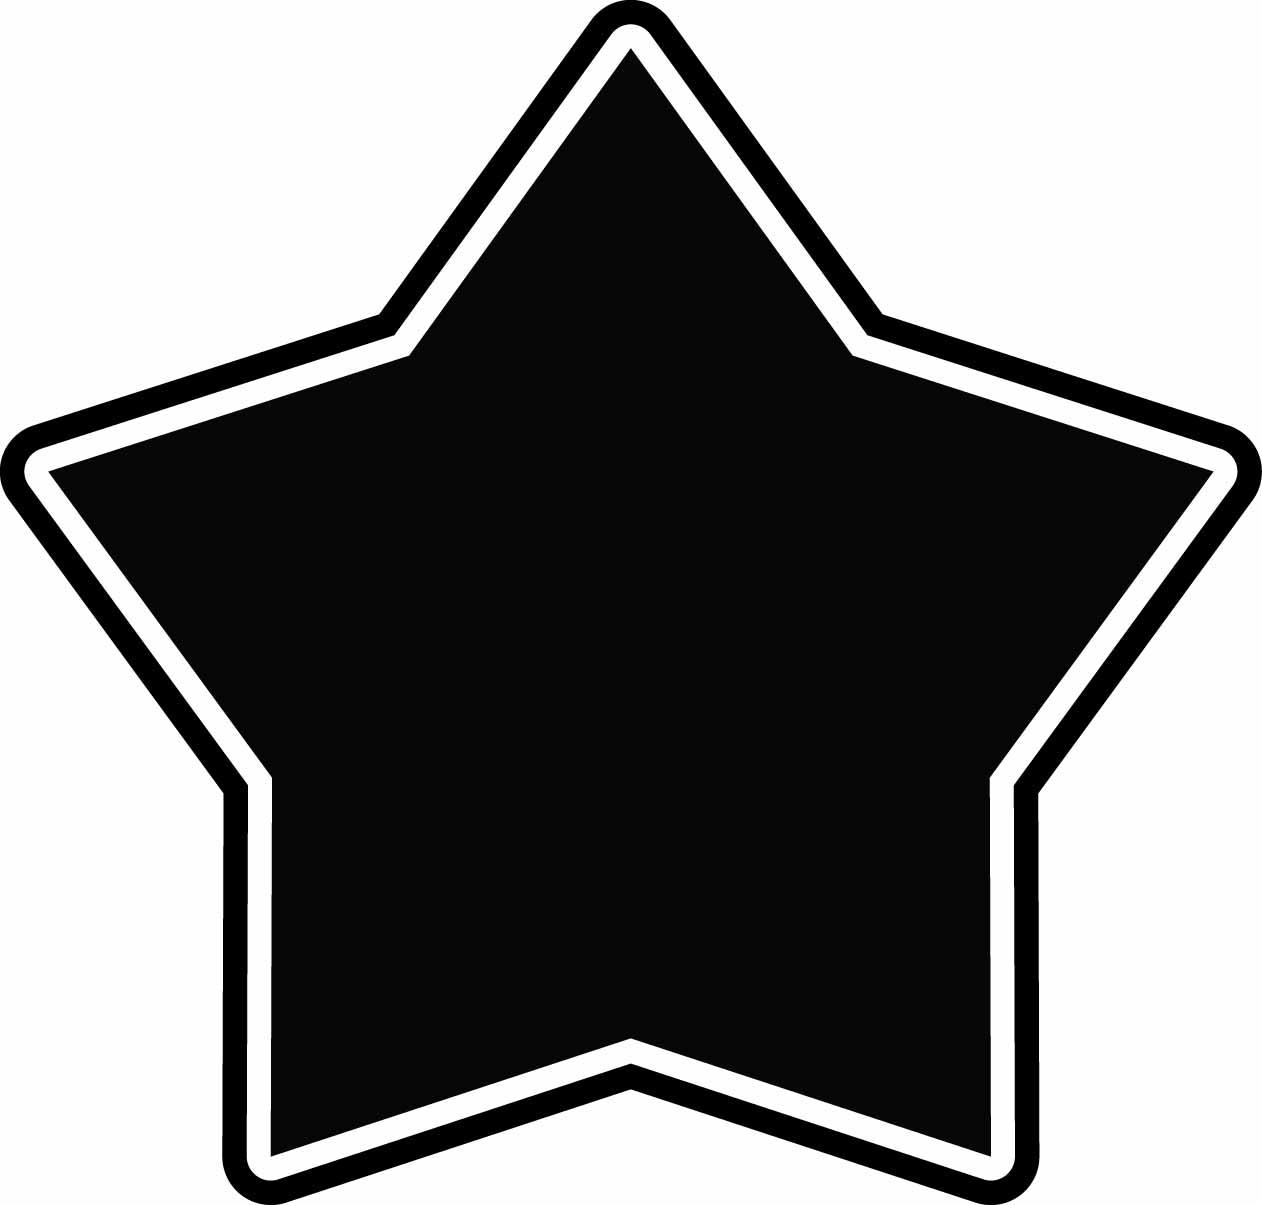 1262x1205 Star Clipart Chalkboard